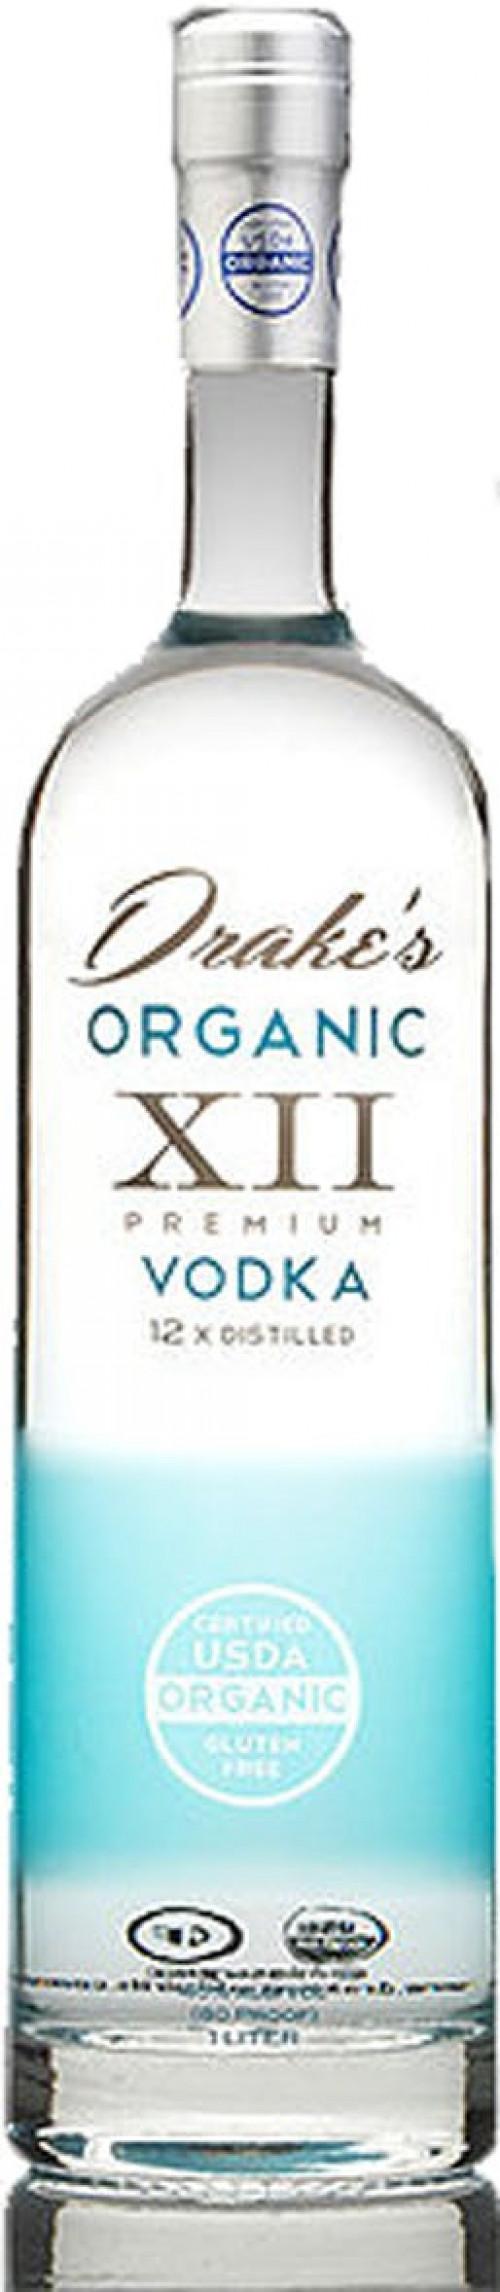 Drakes Organic Vodka 1L